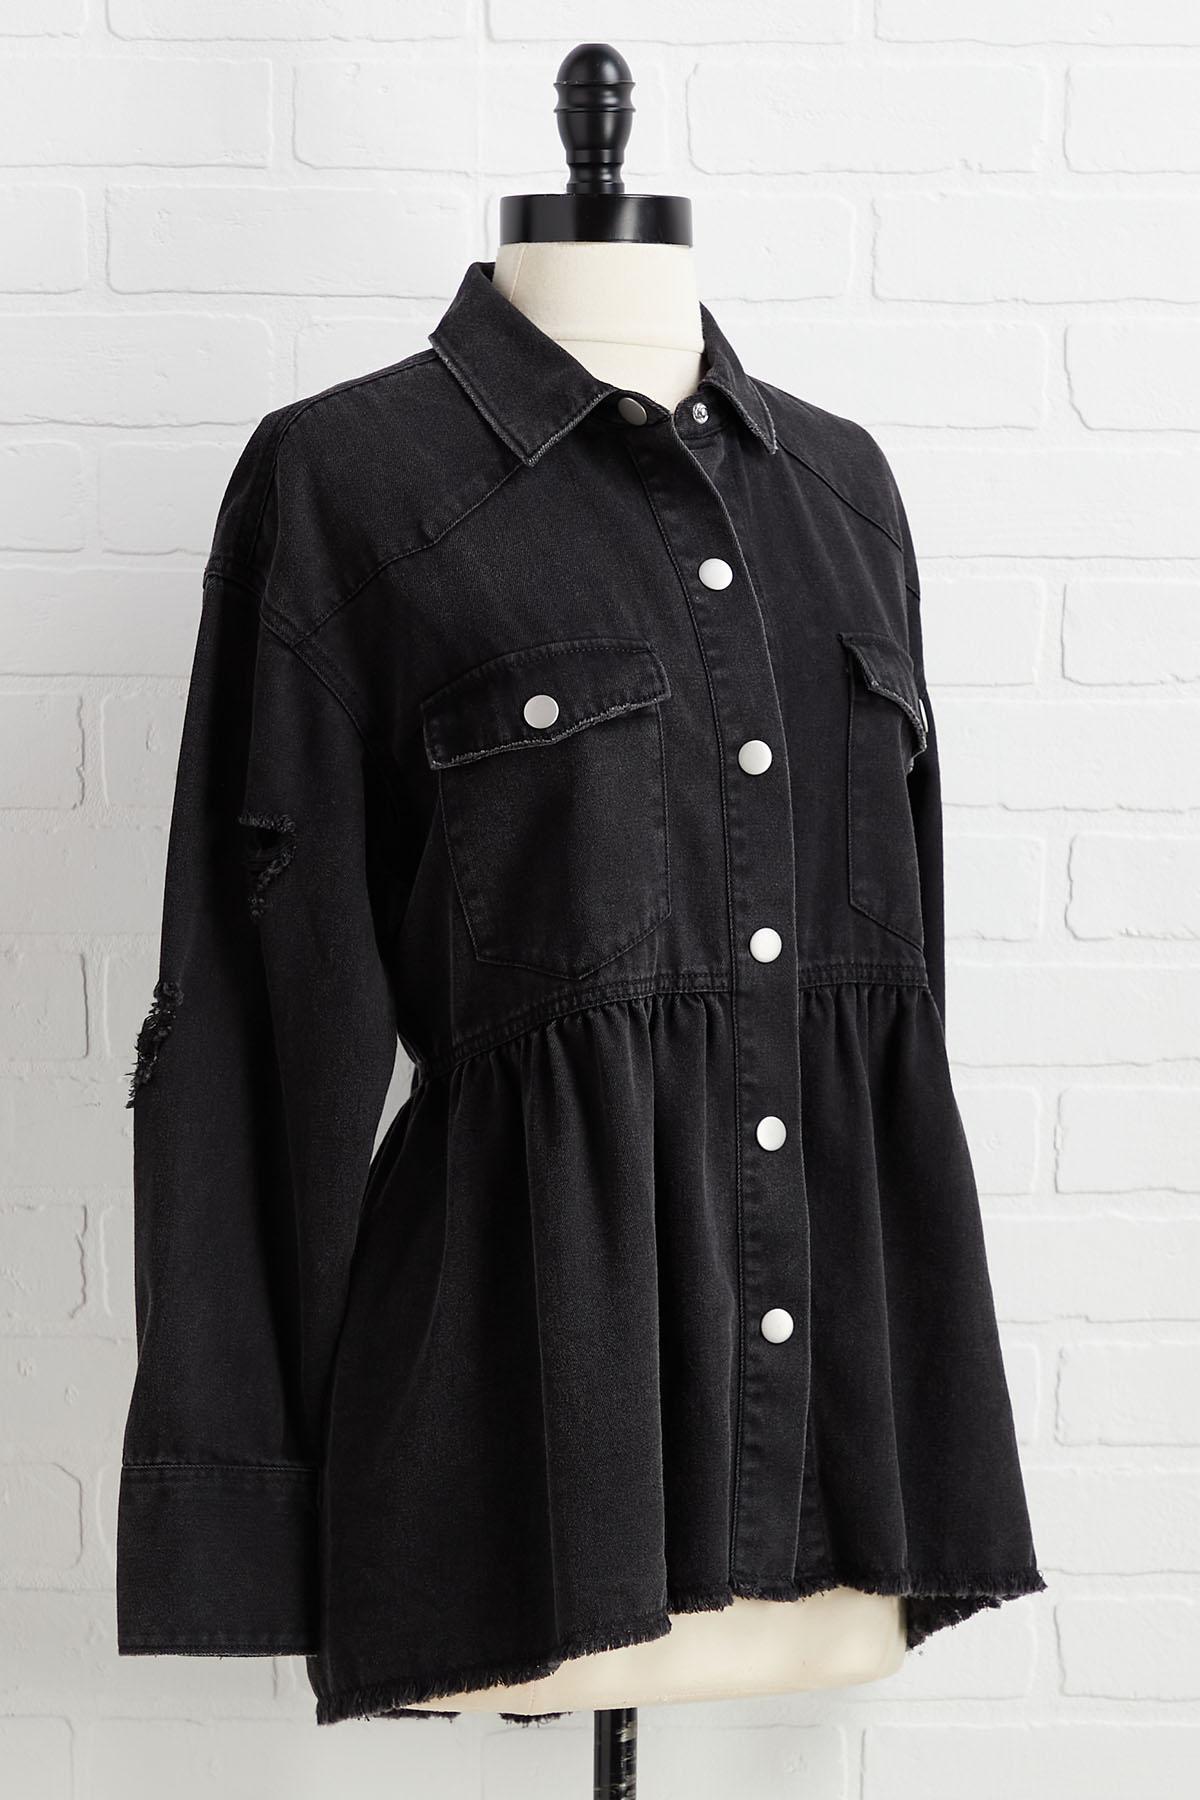 Rocker Baby Jacket